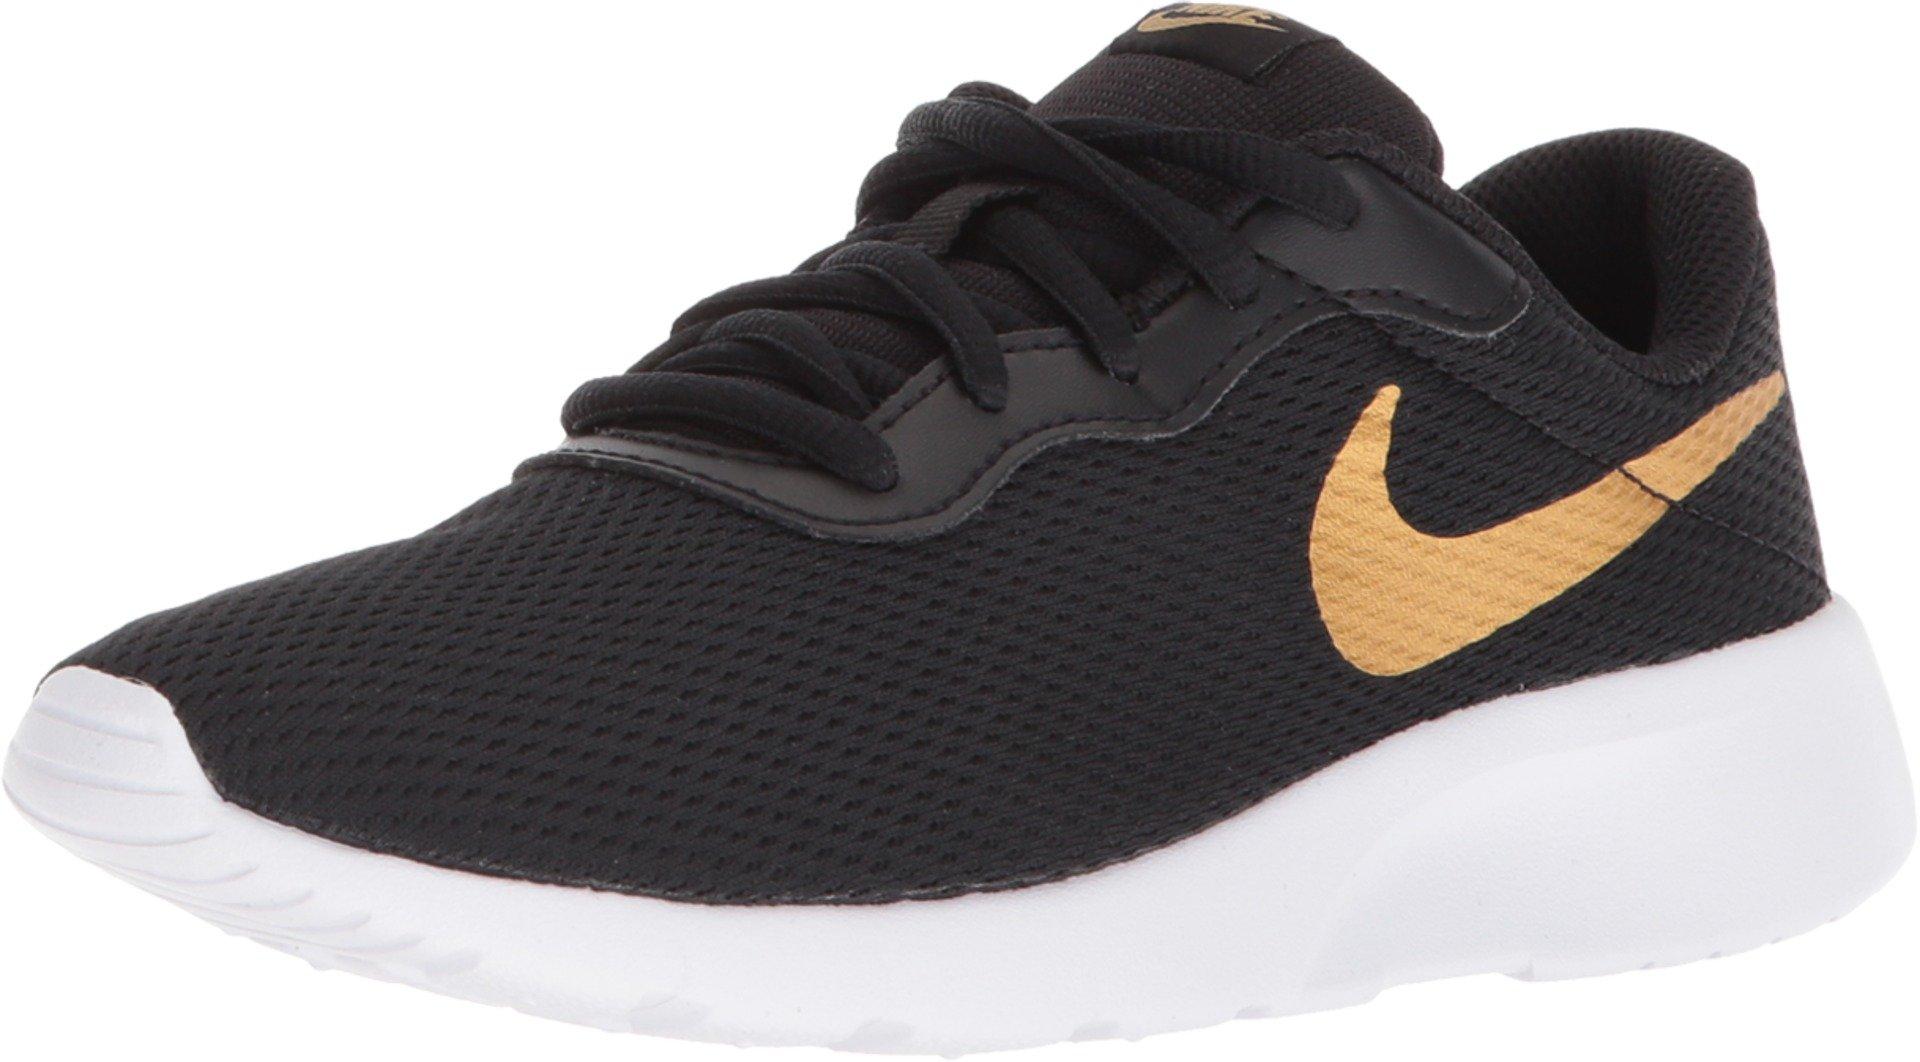 Nike Boy's Tanjun (PS) Running Shoes (1 M US Little Kid, Black/MetallicGold/White)